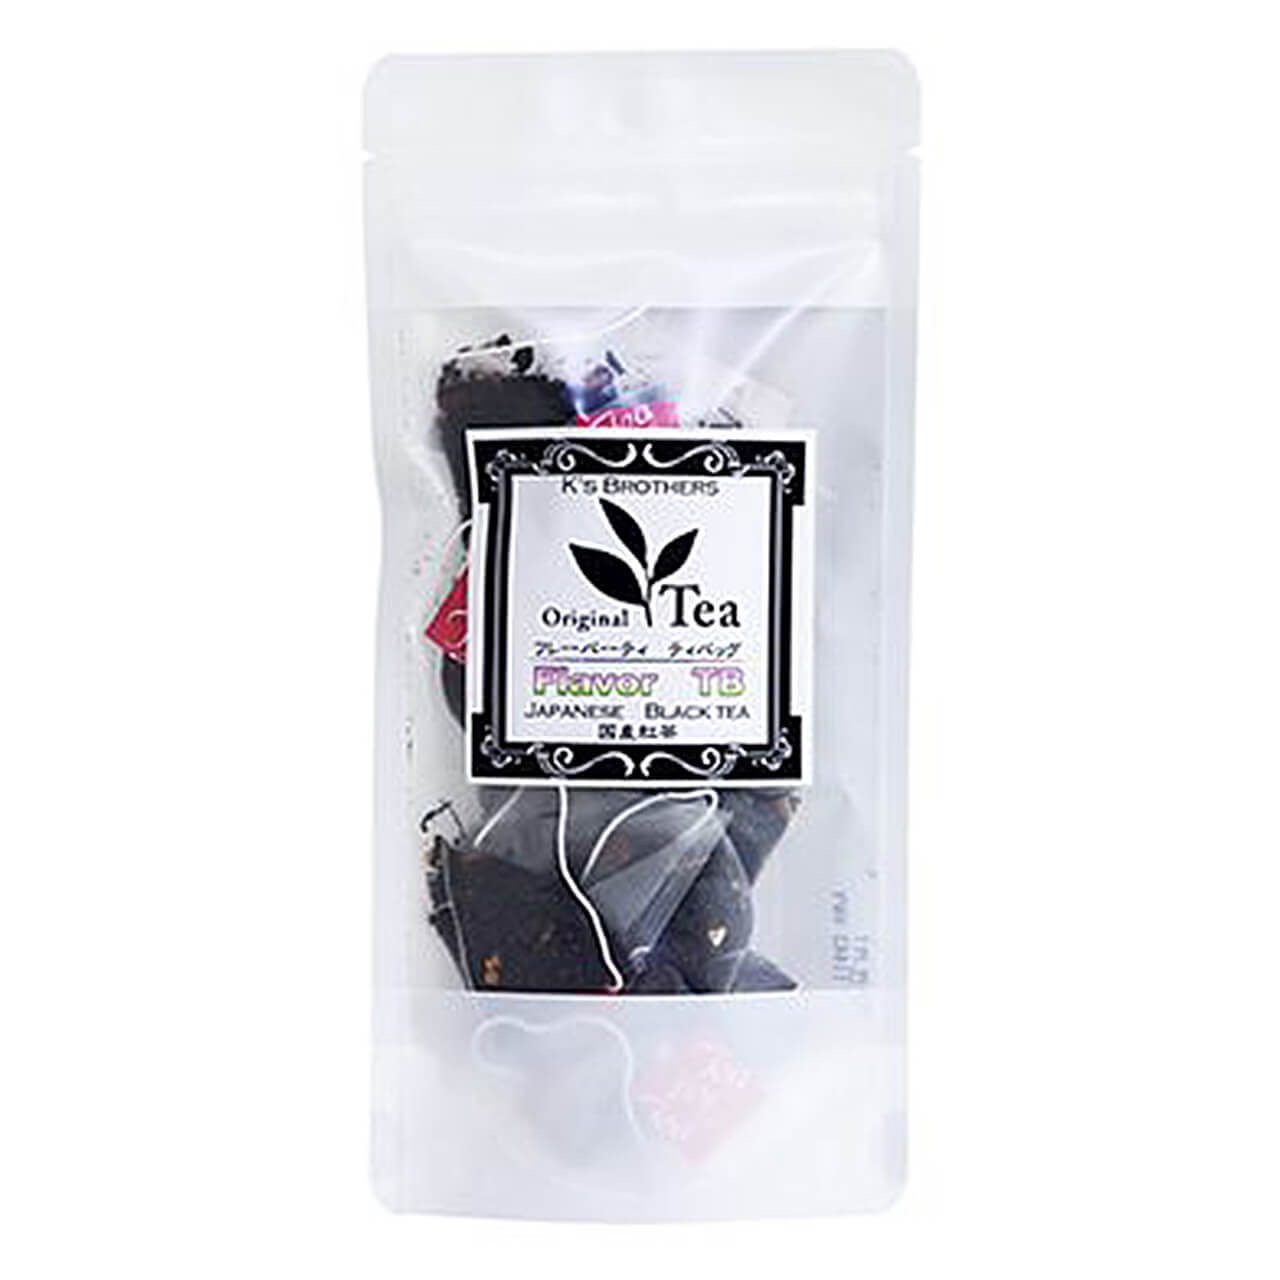 お茶 紅茶 フルーツフレーバー紅茶 (ティーバッグ) 3g×10パック 1袋 鹿児島 小牧緑峰園